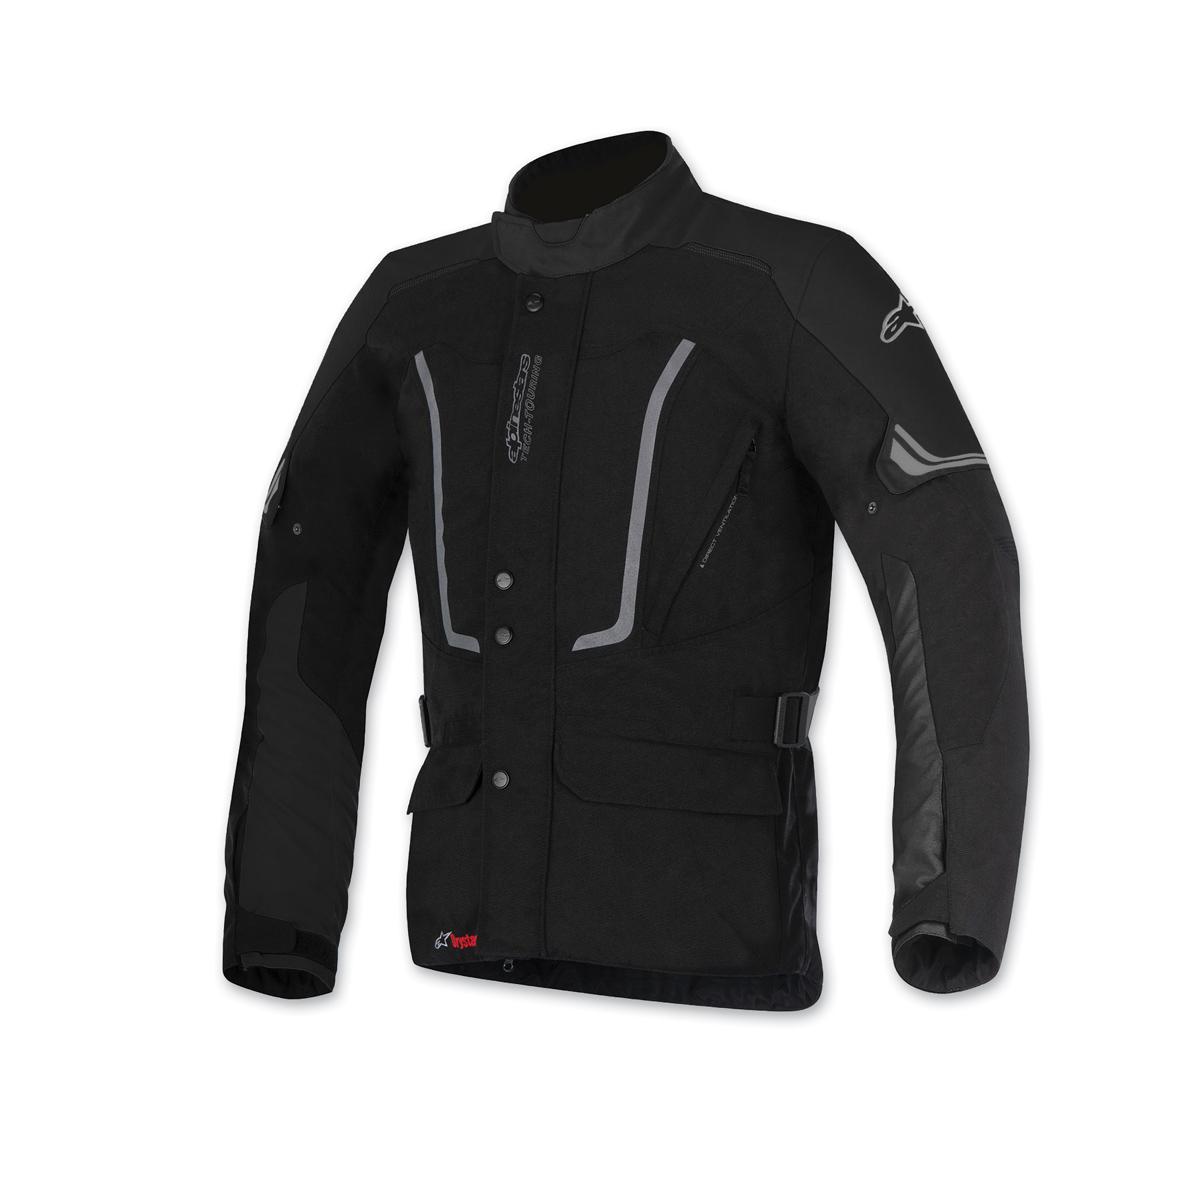 Alpinestars Men's Vence Drystar Black Jacket